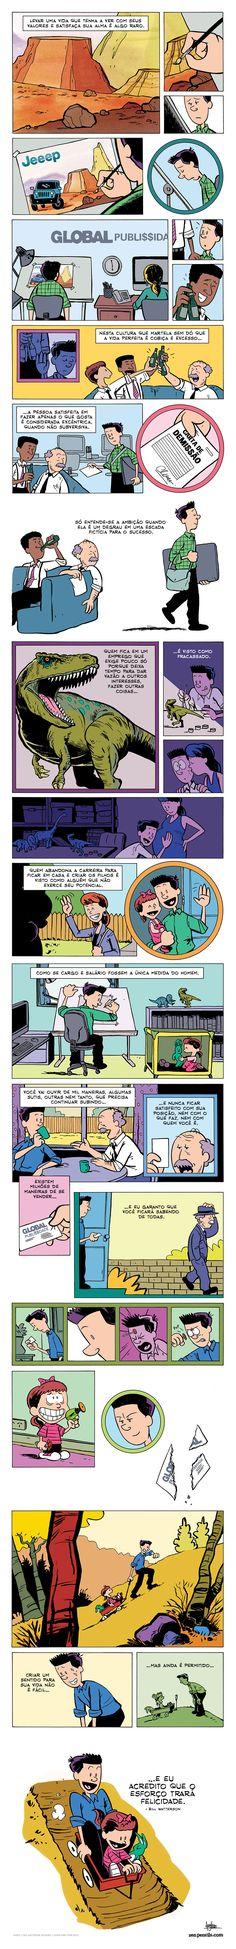 BILL WATTERSON: Conselho de um cartunista